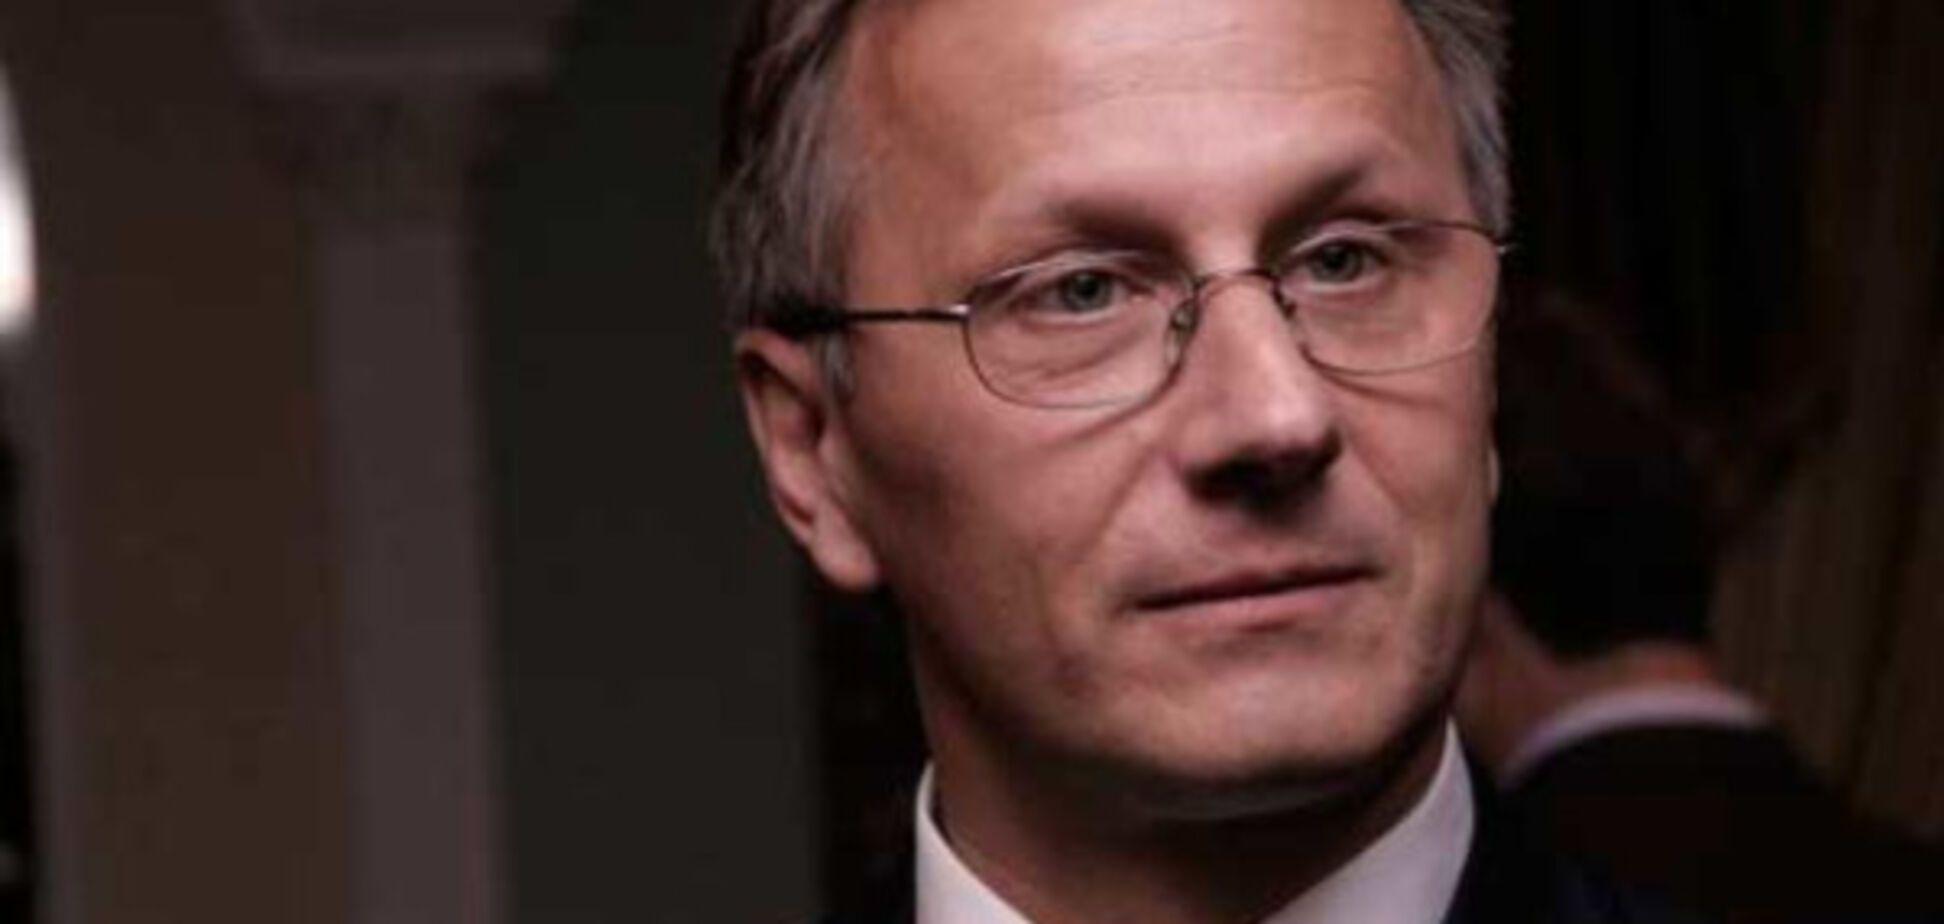 Наступний після Гонтаревої: голова великого банку висловив бажання очолити НБУ